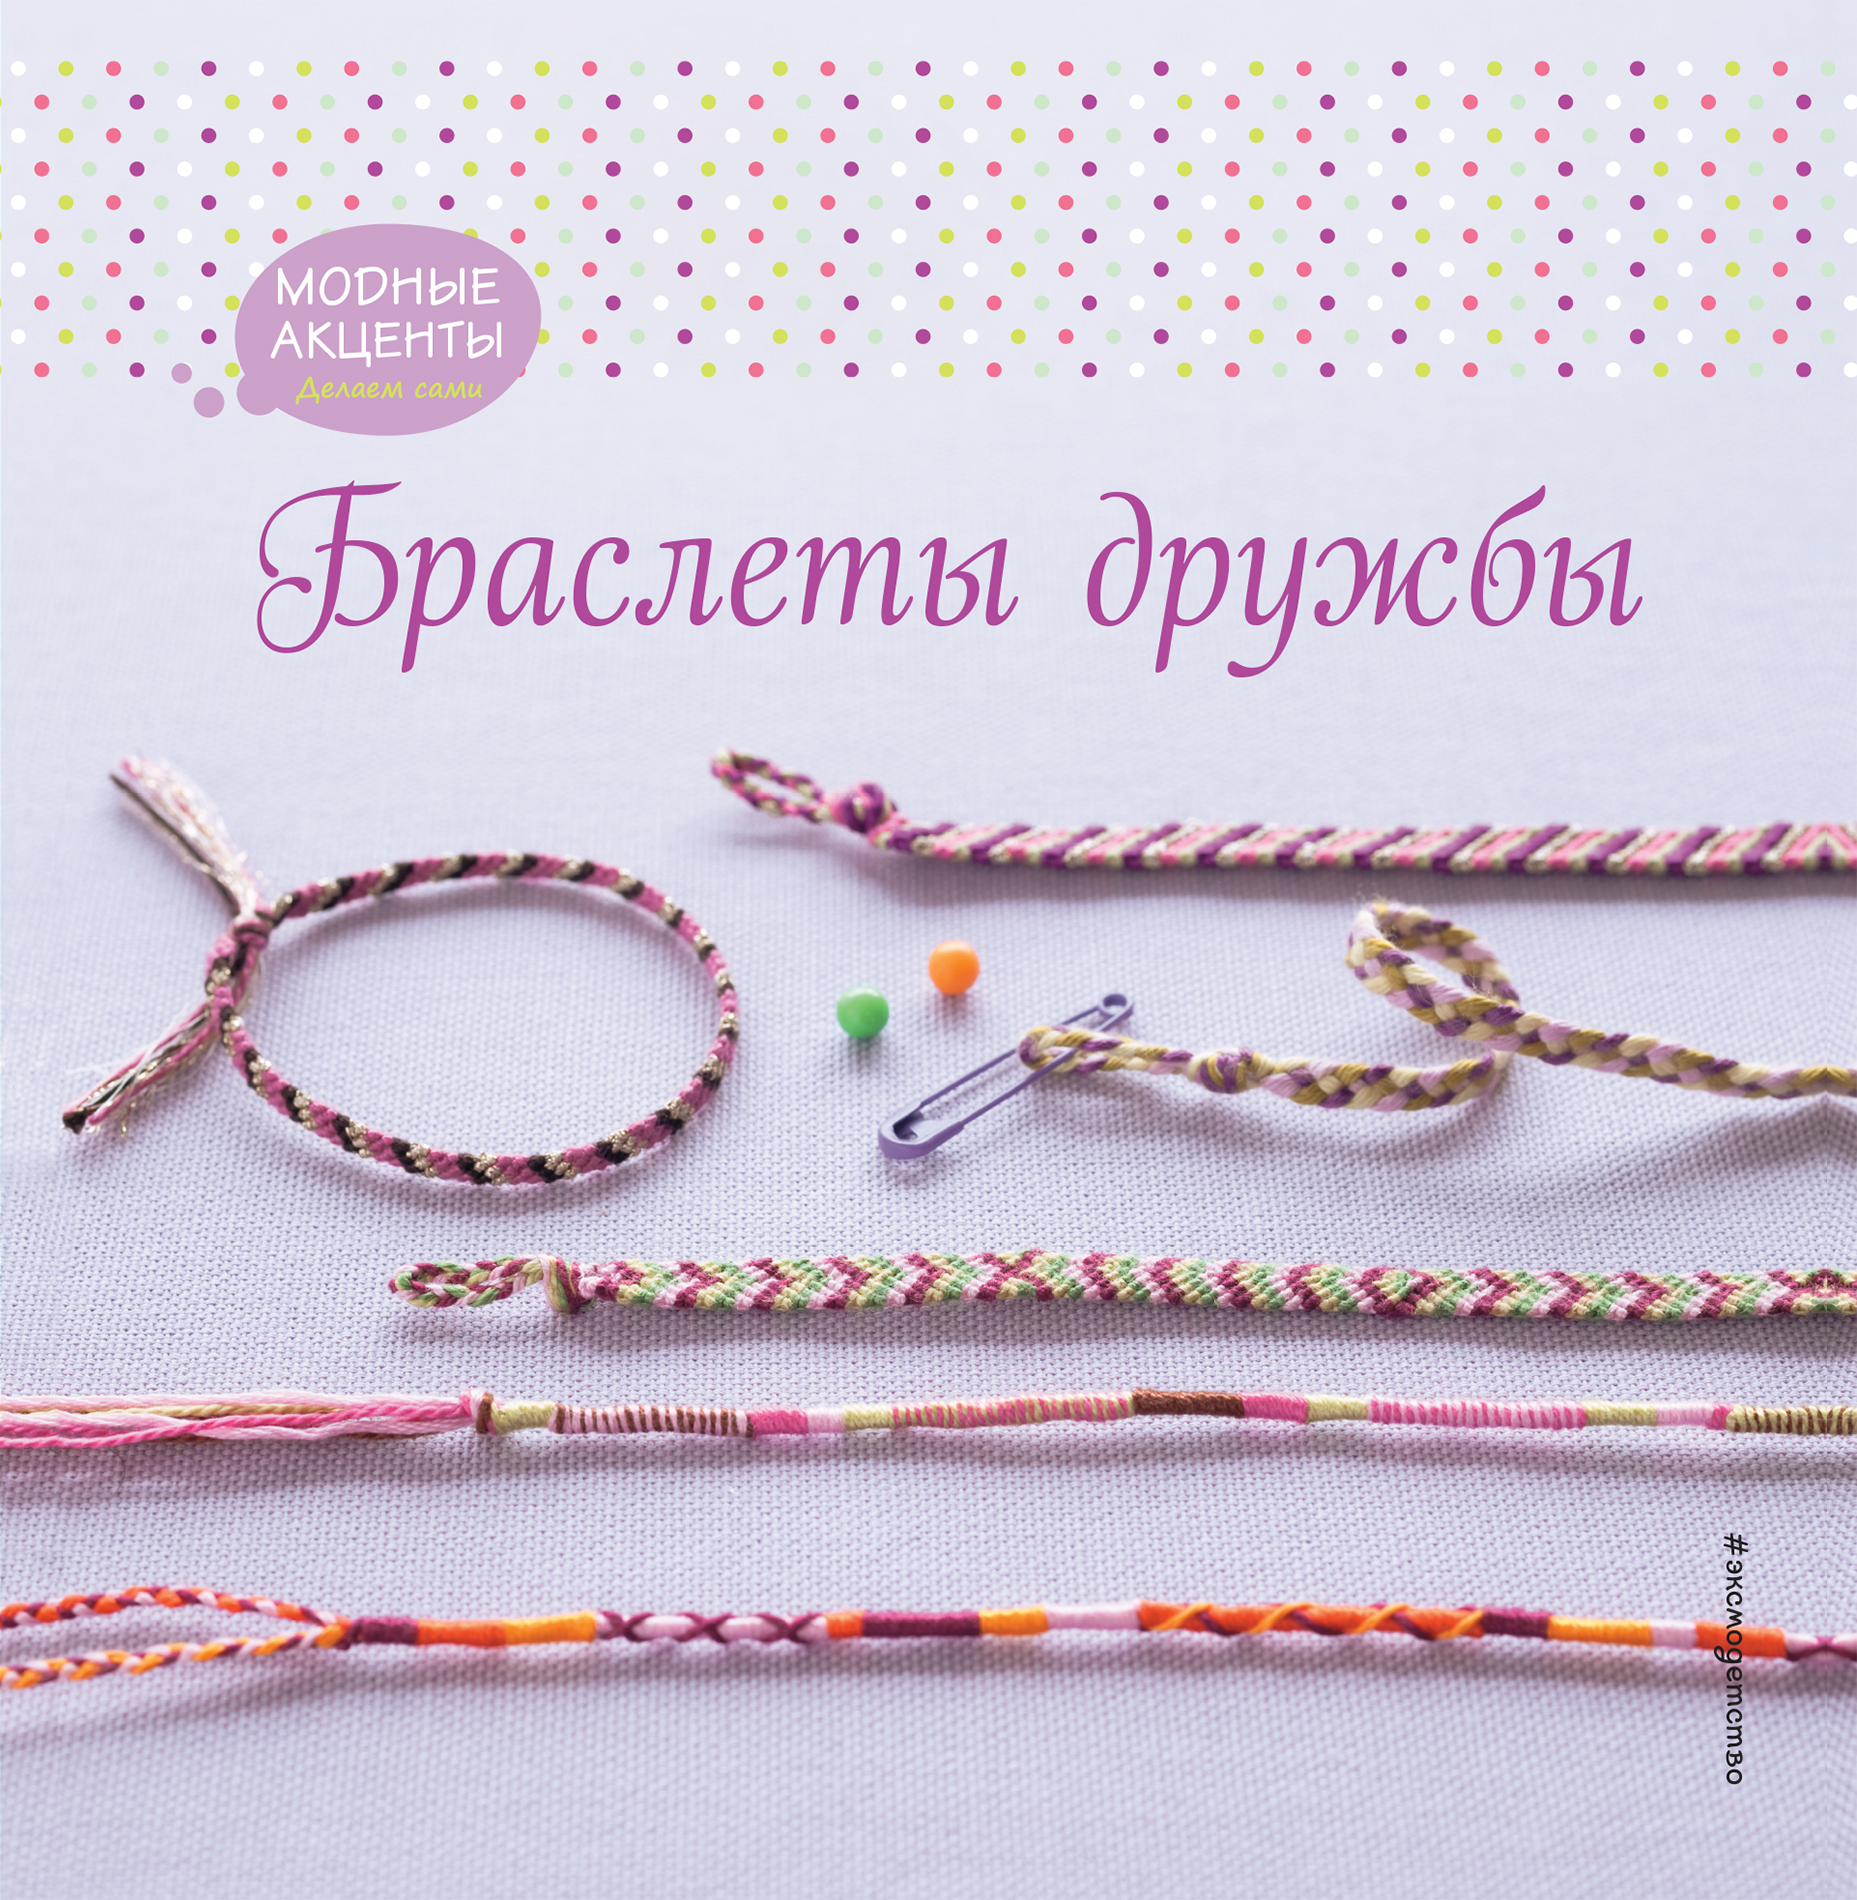 Браслеты дружбы муж жен wrap браслеты кожа винтаж готика браслеты черный назначение особые случаи подарок